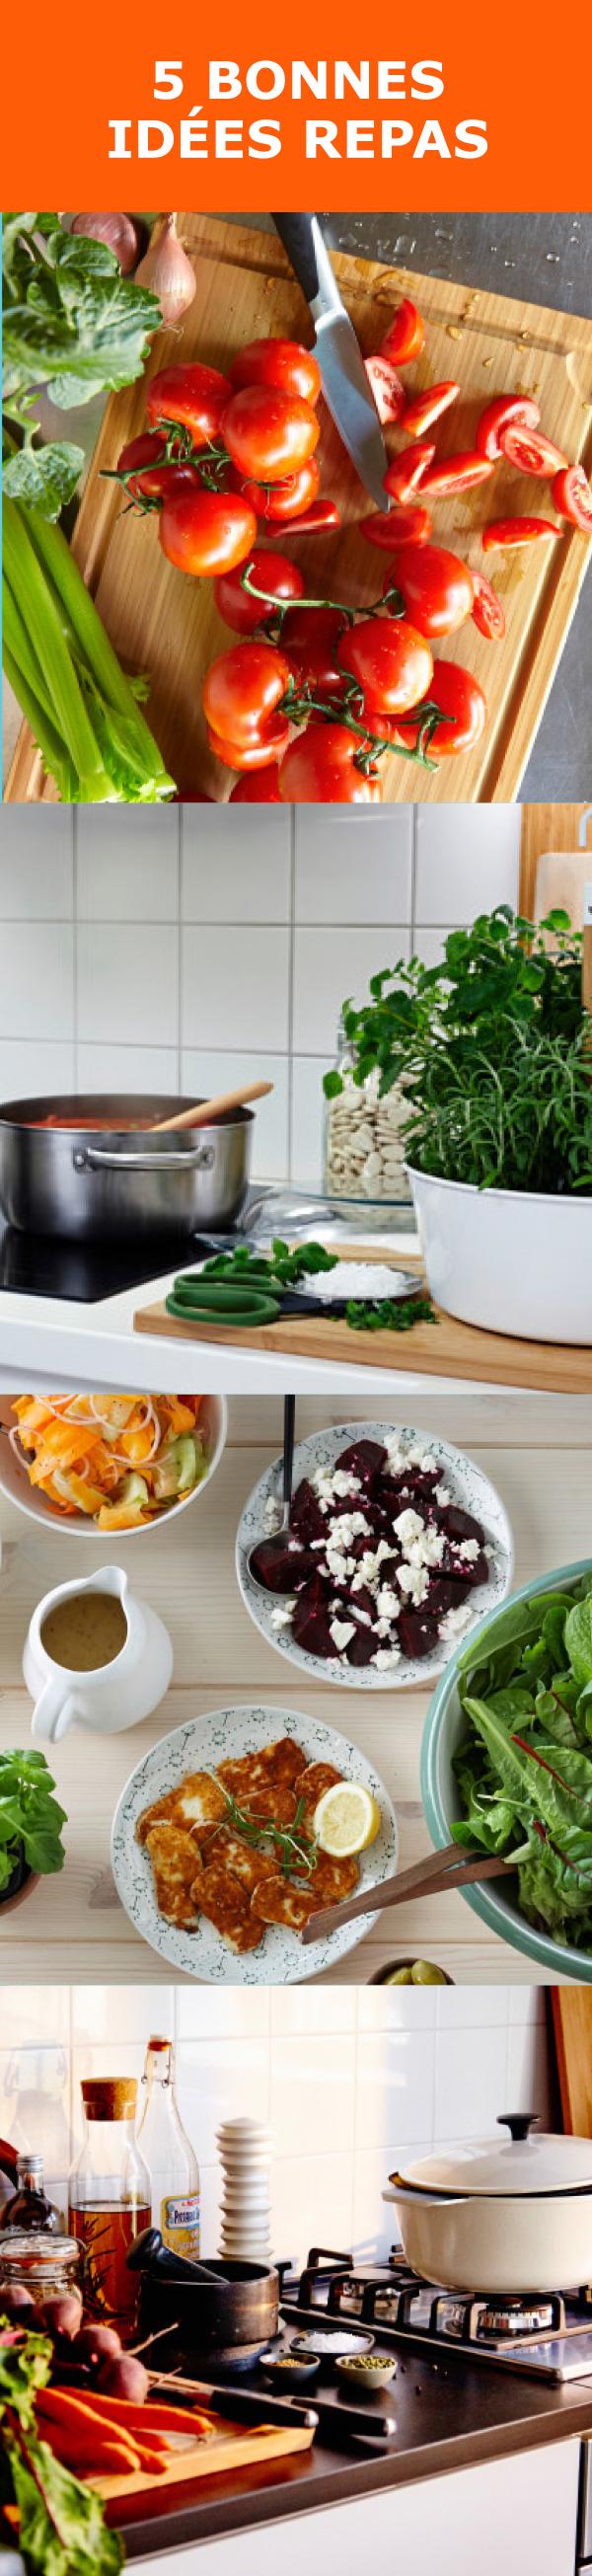 Essayer cinq repas faciles r aliser pour combler for Repas familial ikea